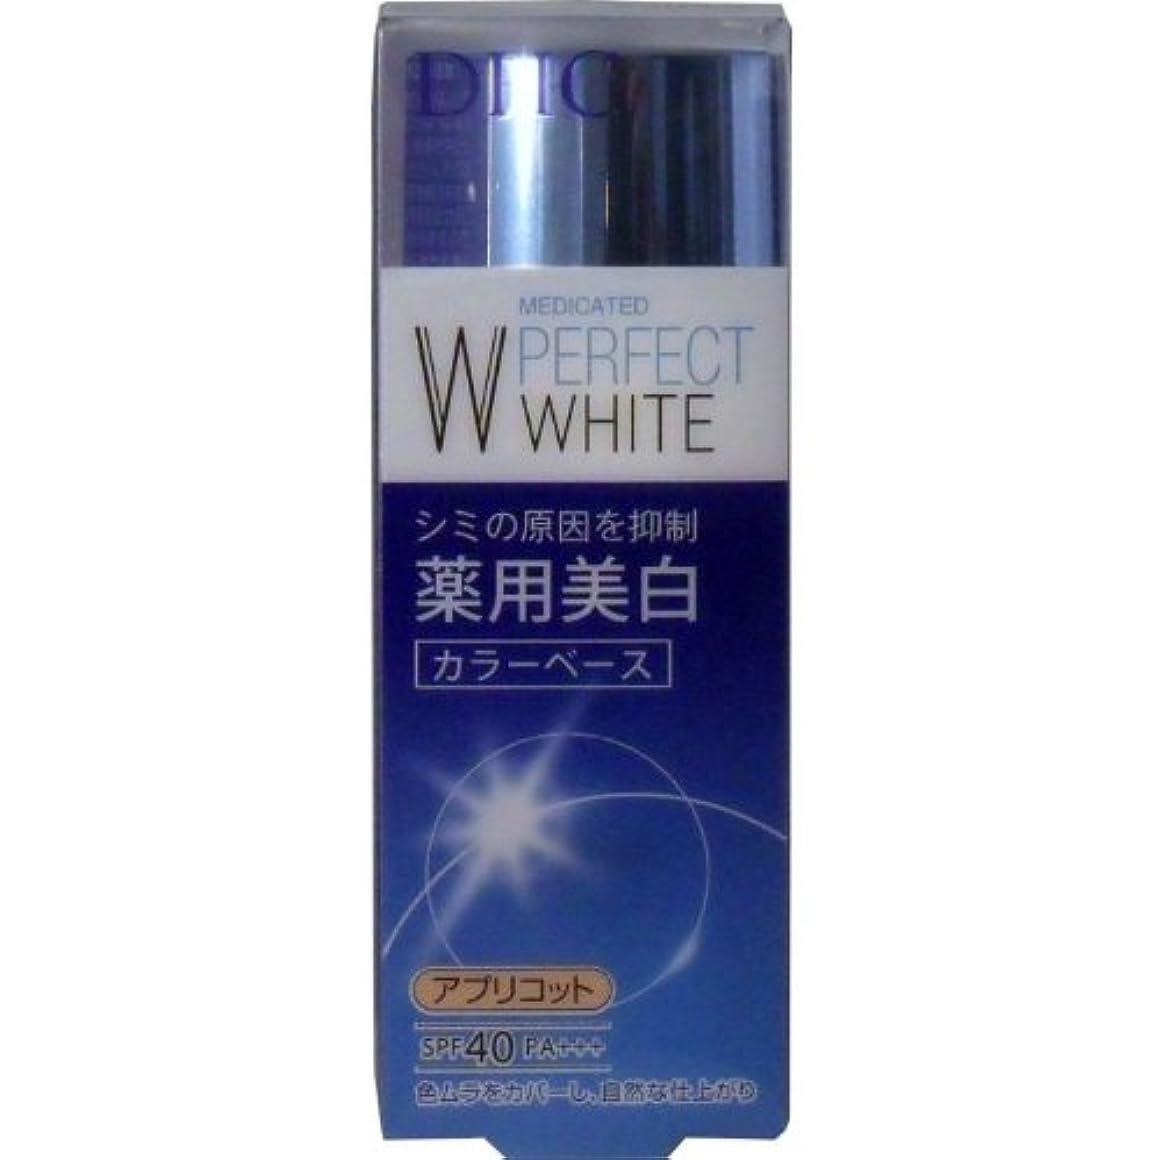 懐疑的デコラティブ商品DHC 薬用美白パーフェクトホワイト カラーベース アプリコット 30g